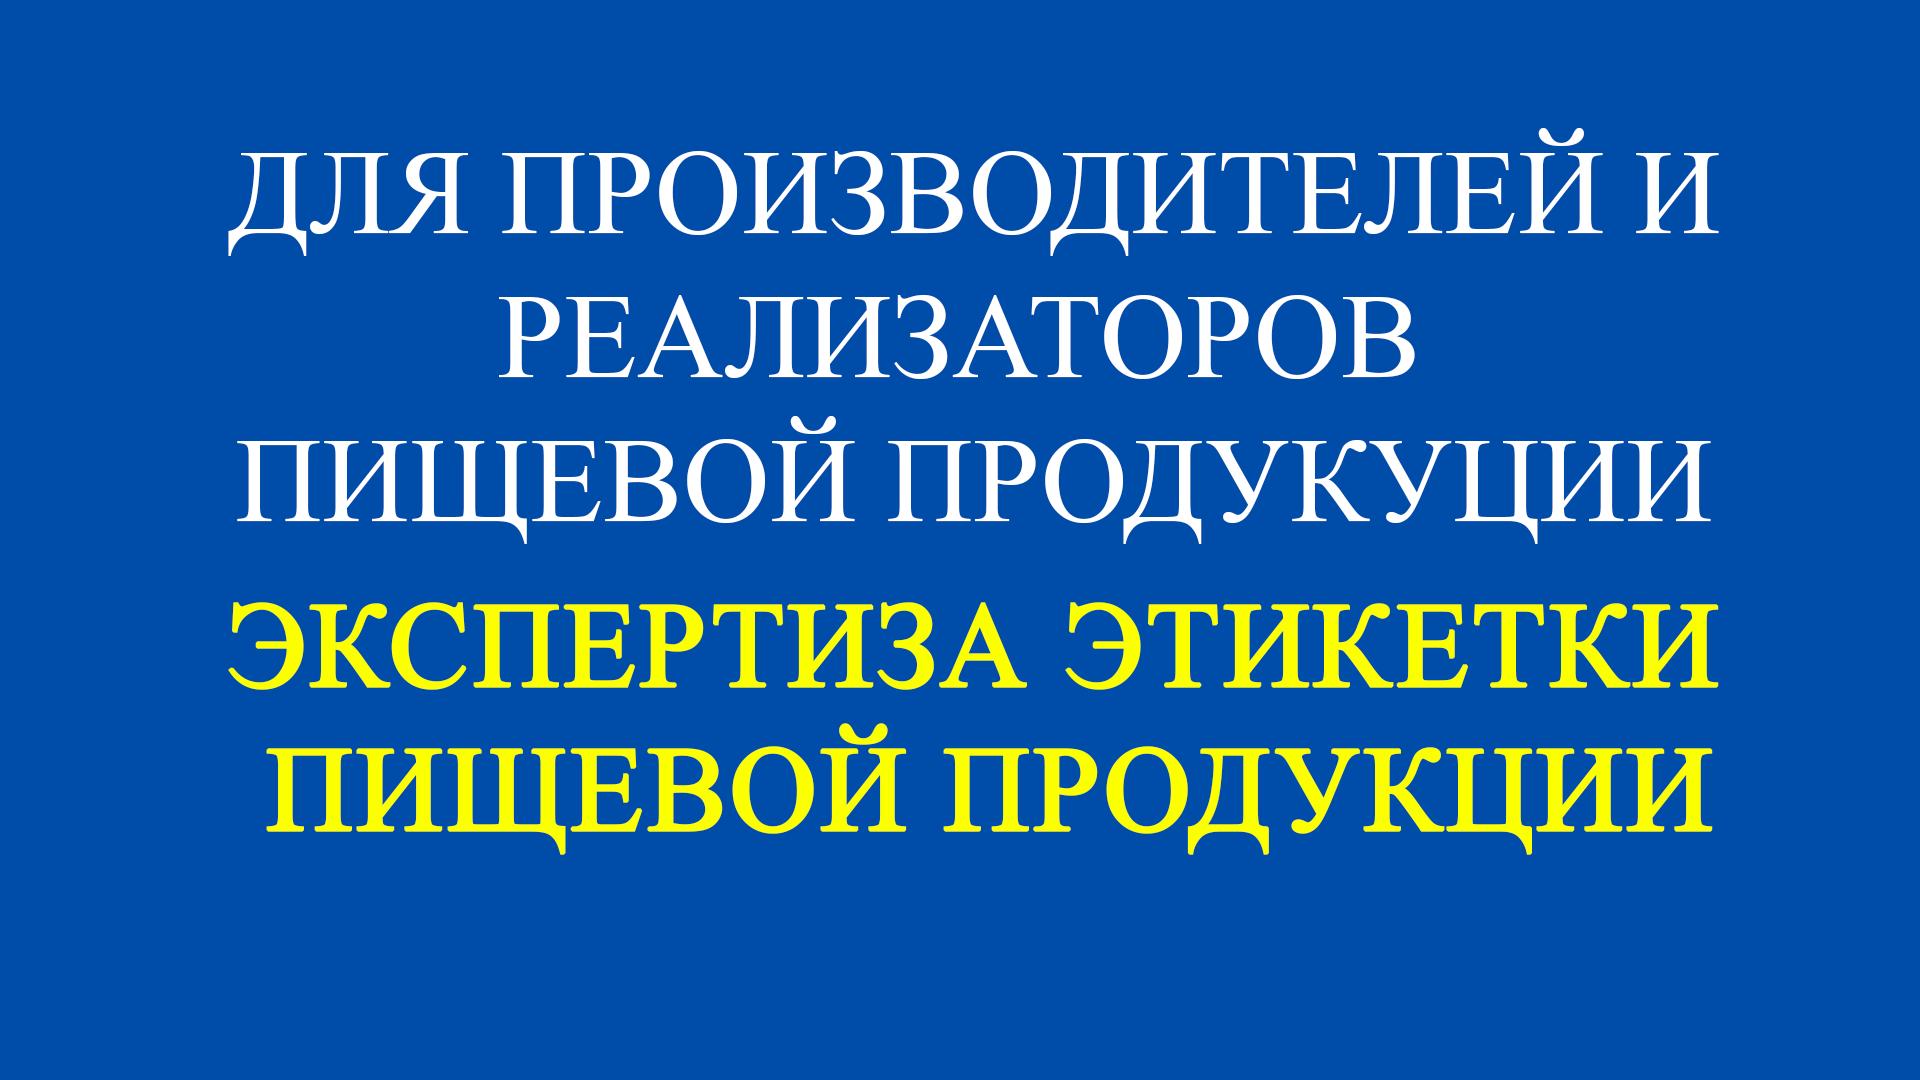 Медицинская книжка в Москве Западное Дегунино на юге